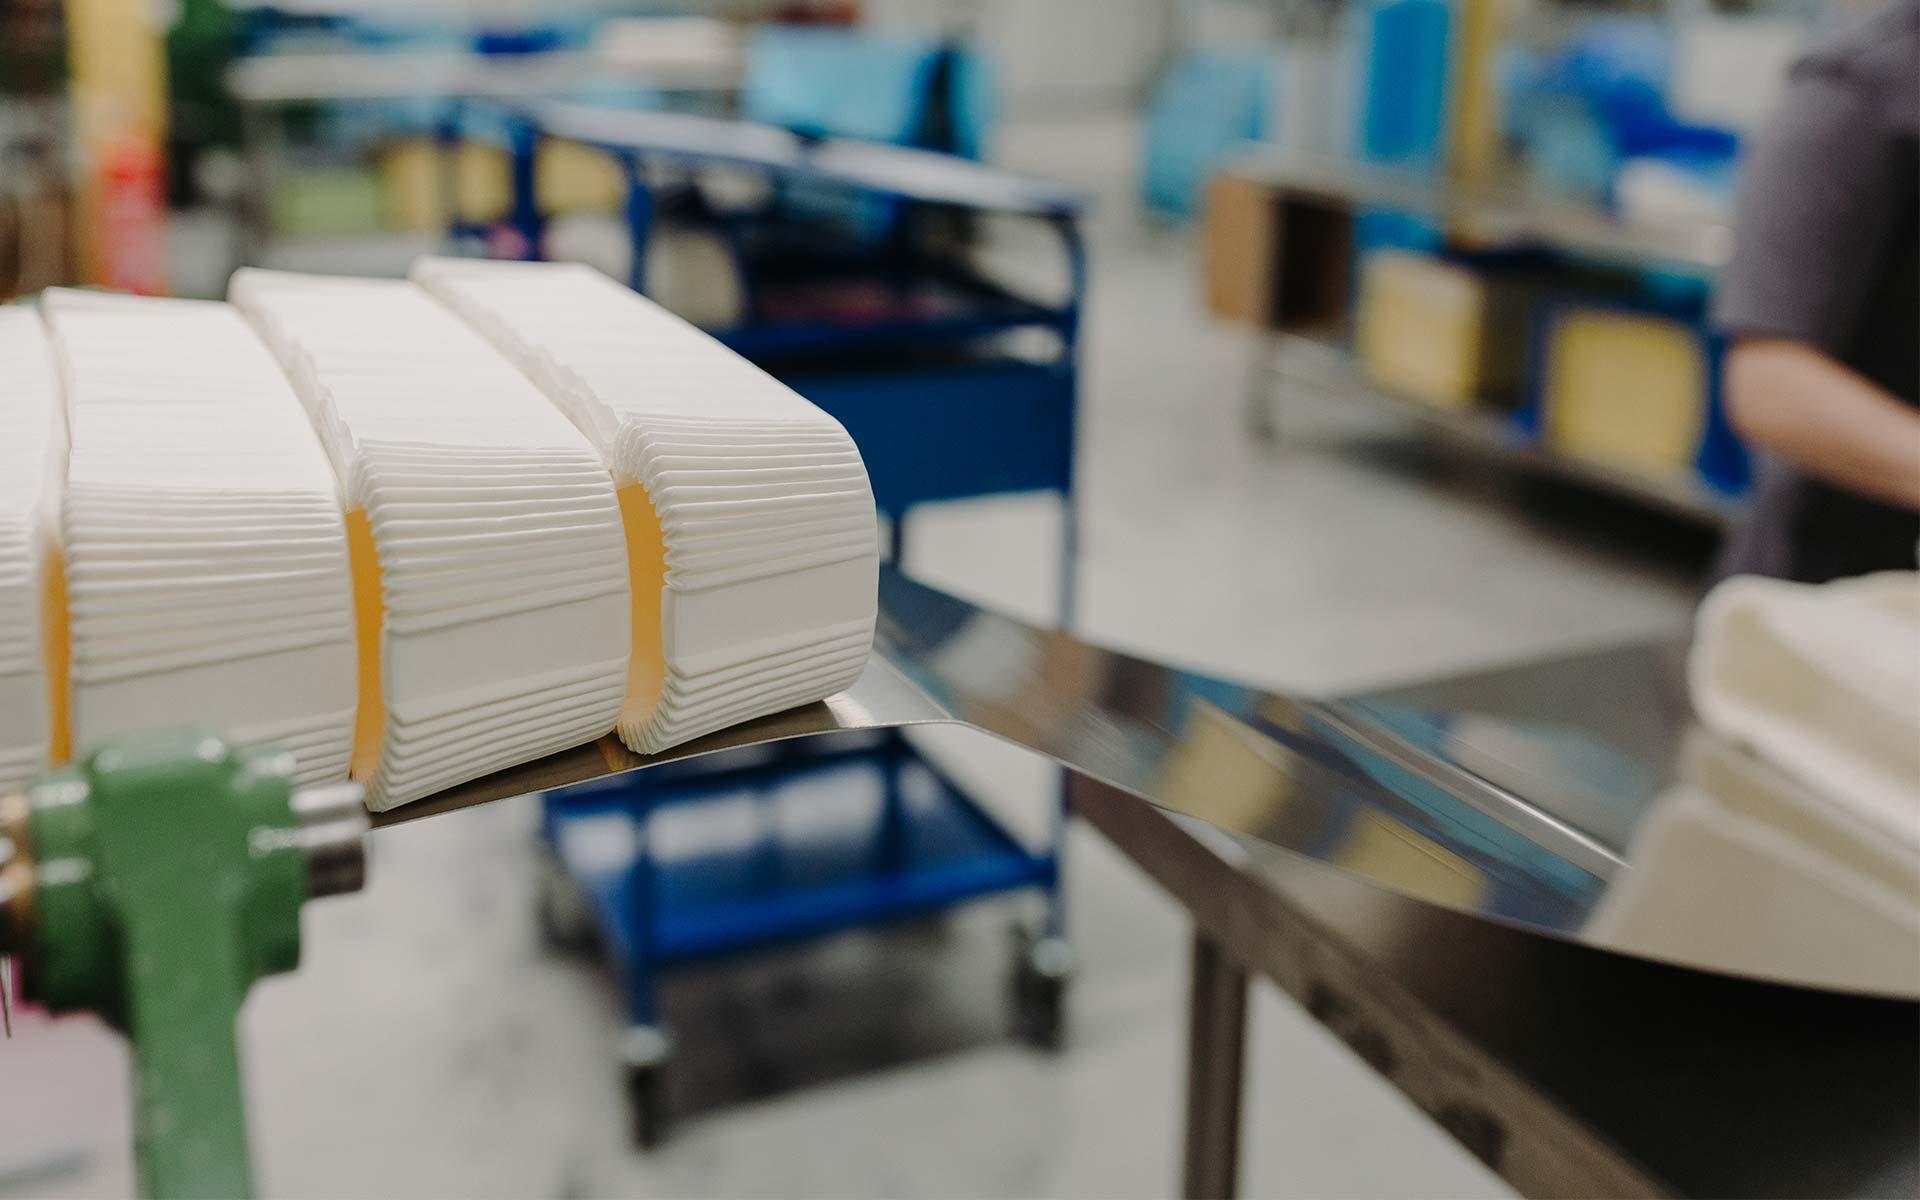 Techno Papier paper cup production